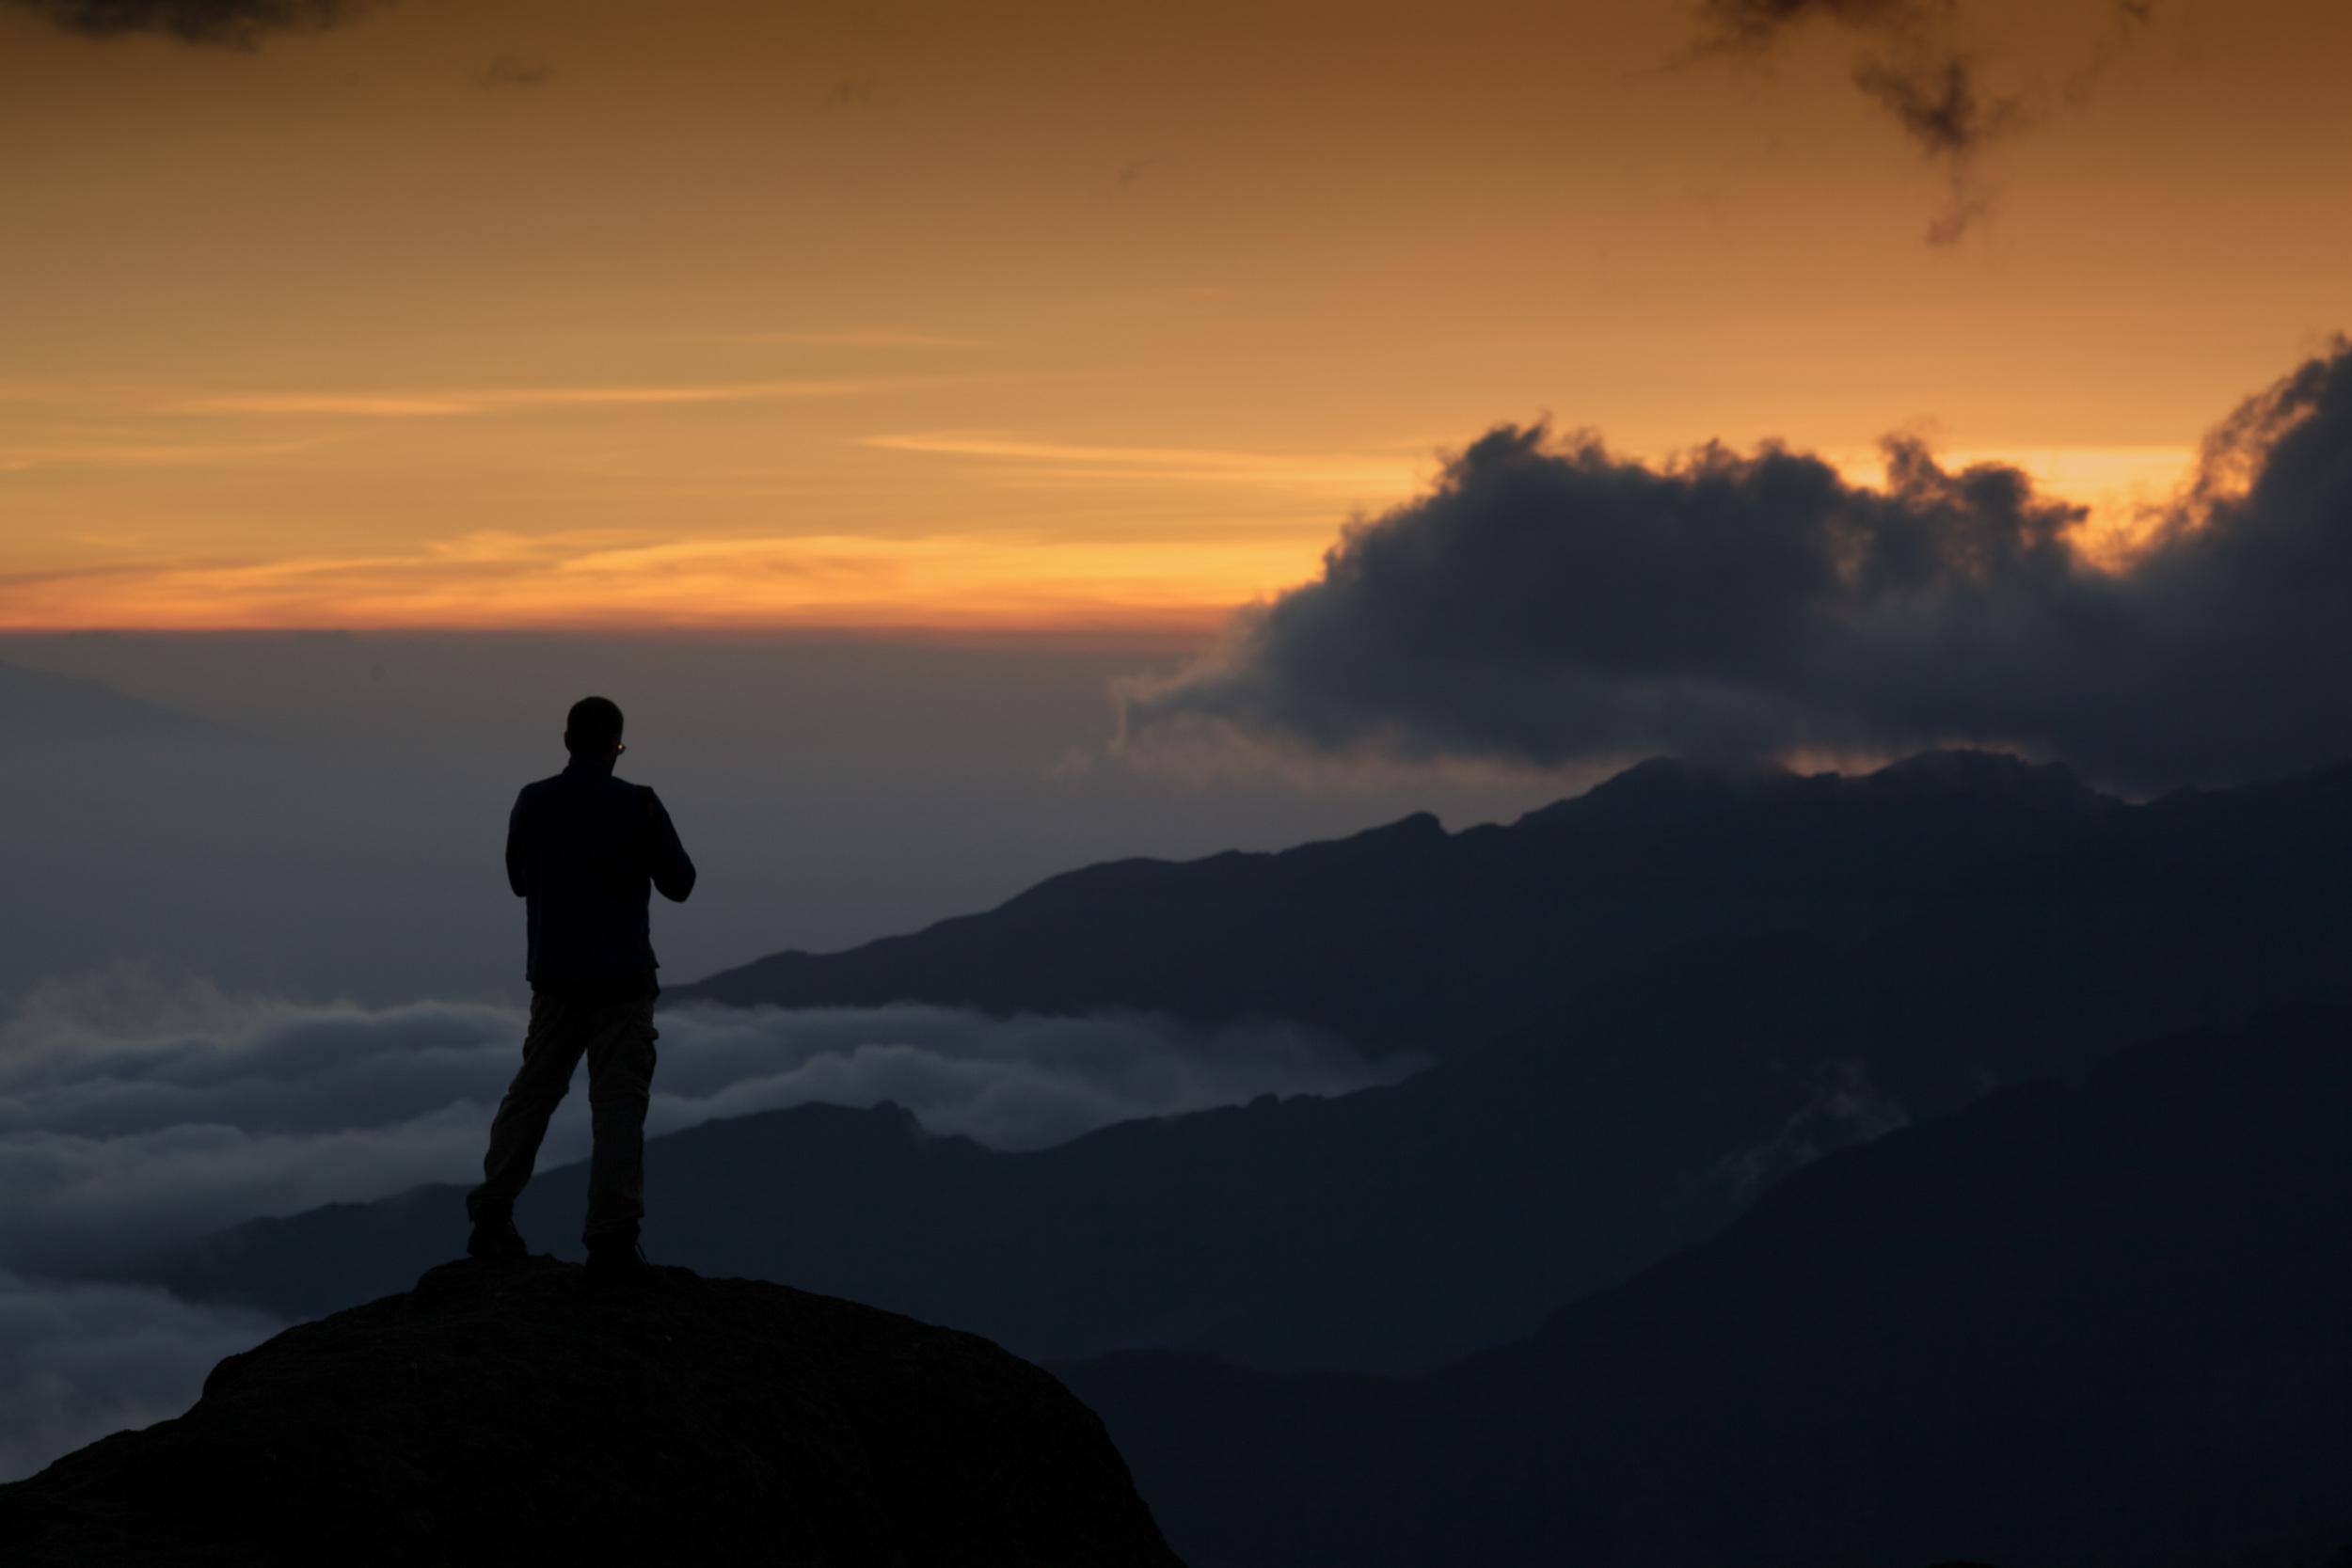 Sunset at Shira Camp, 3940 asml, Kilimanjaro (TZ), Sep 2012